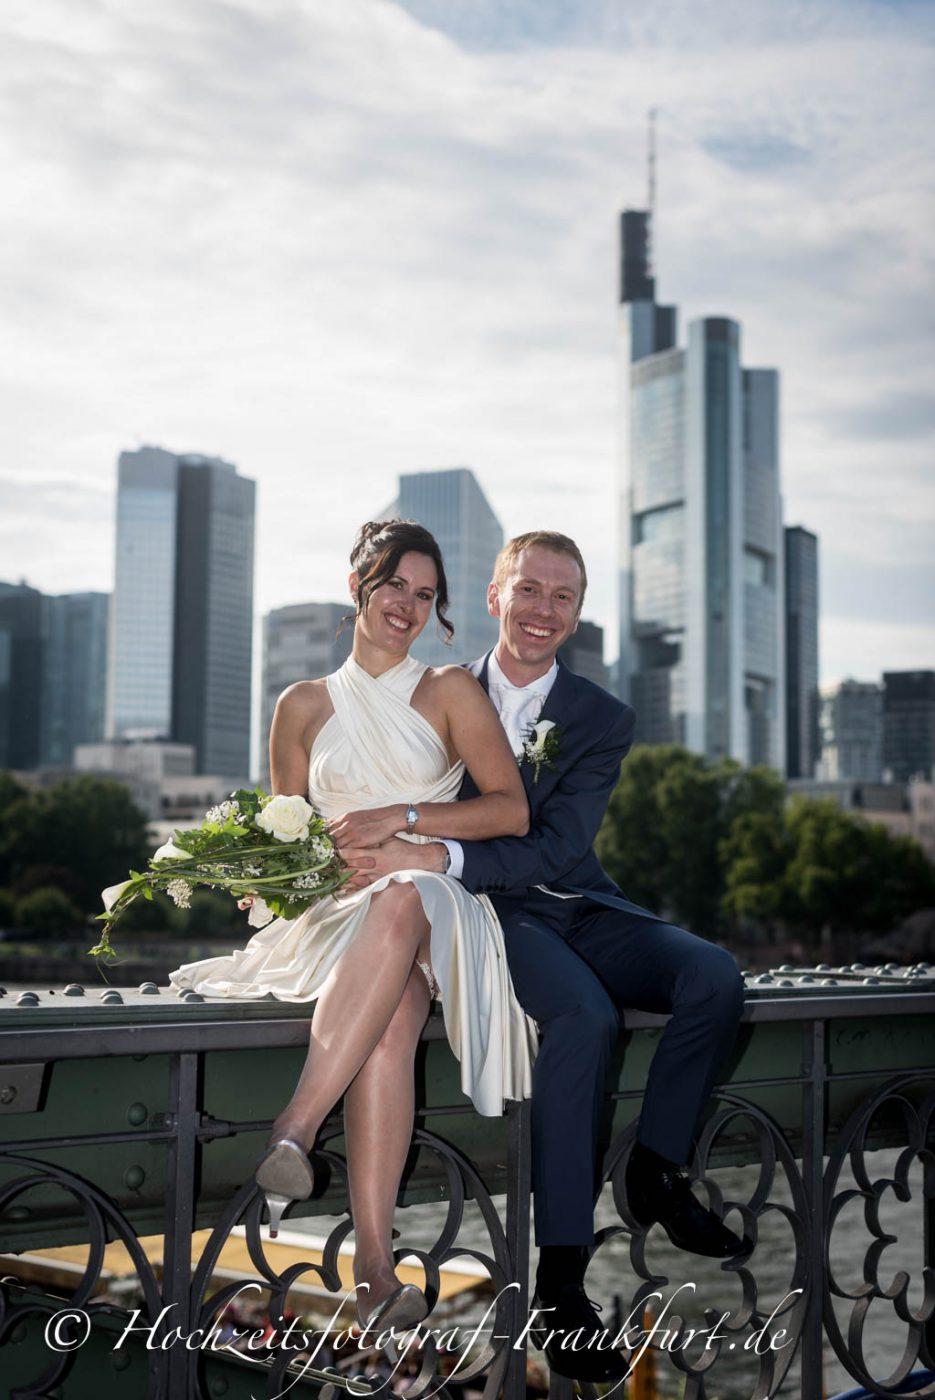 Standesamt Frankfurt am Main: Foto des Hochzeitspaares mit der Frankfurter Skyline im Hintergrund.